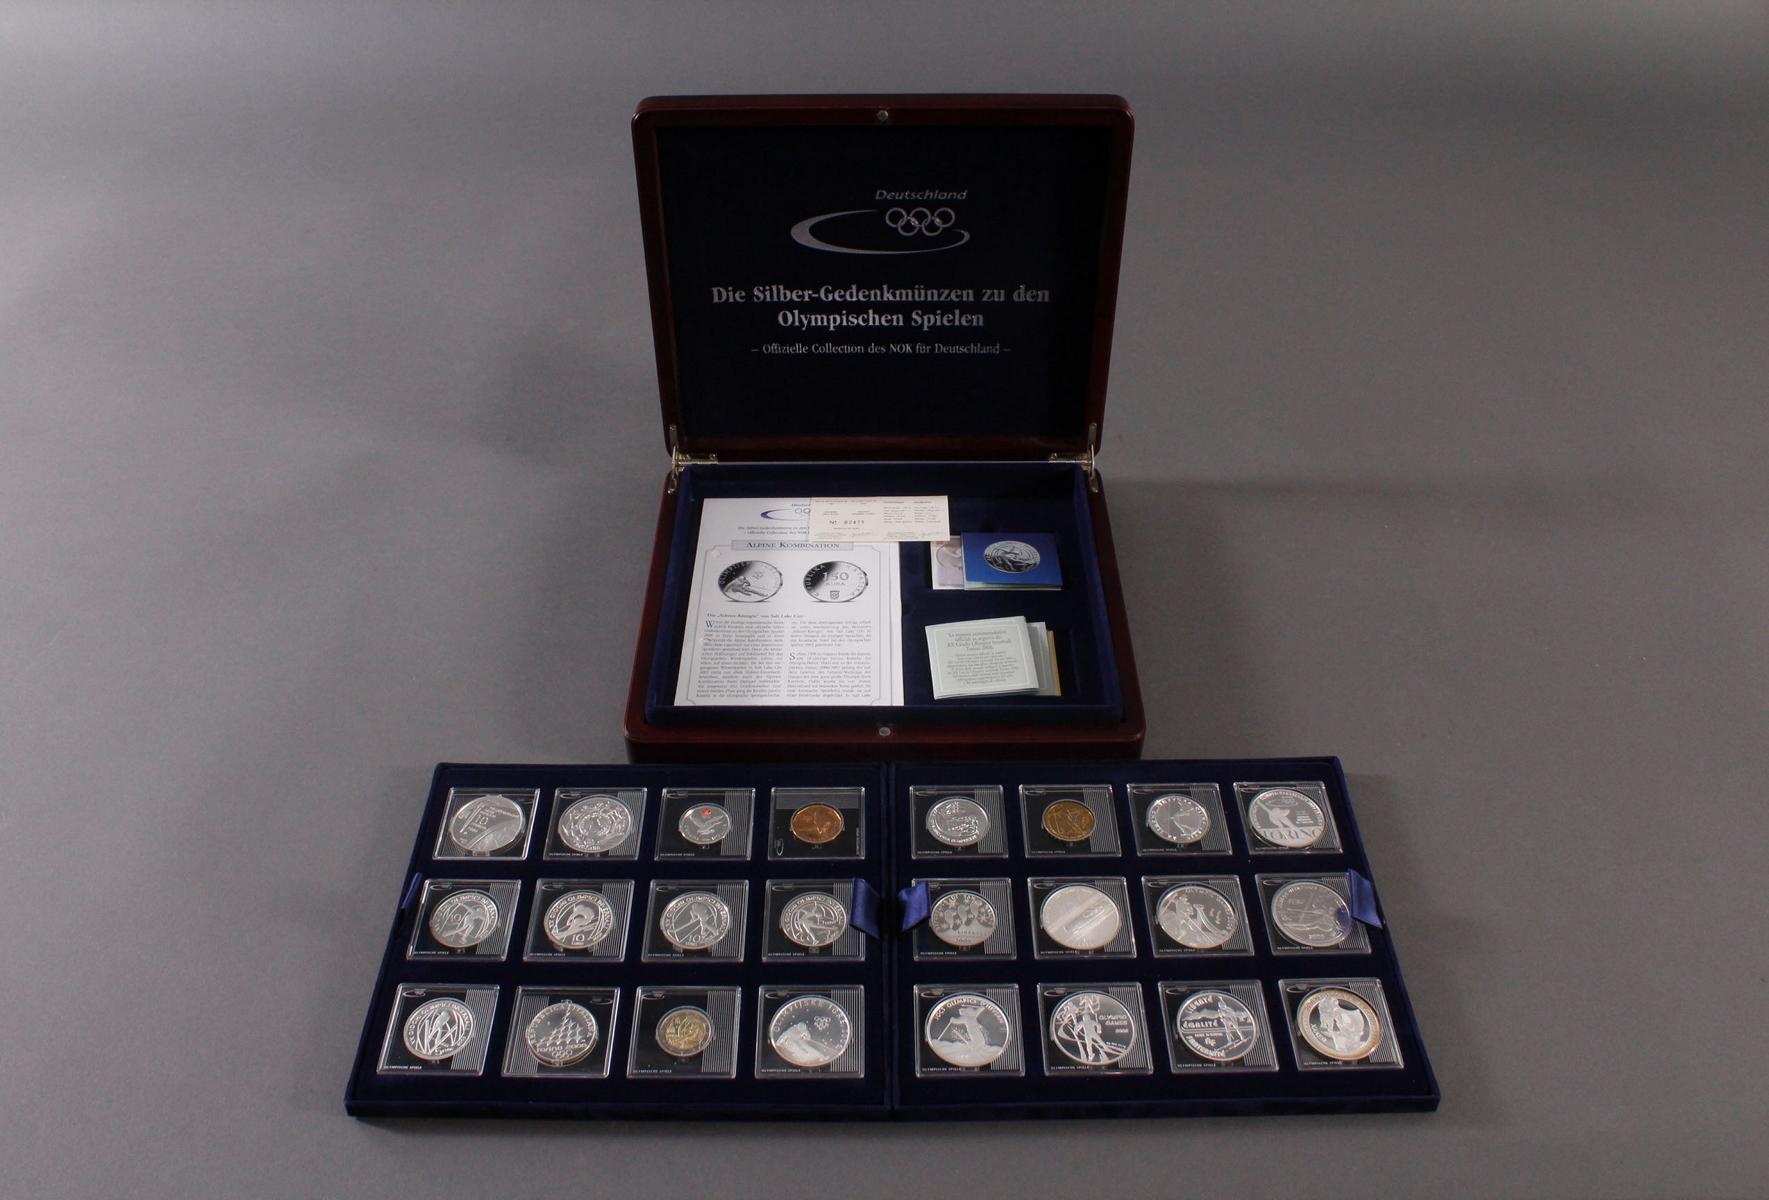 Die Silbergedenkmünzen zu den Olympischen Spielen